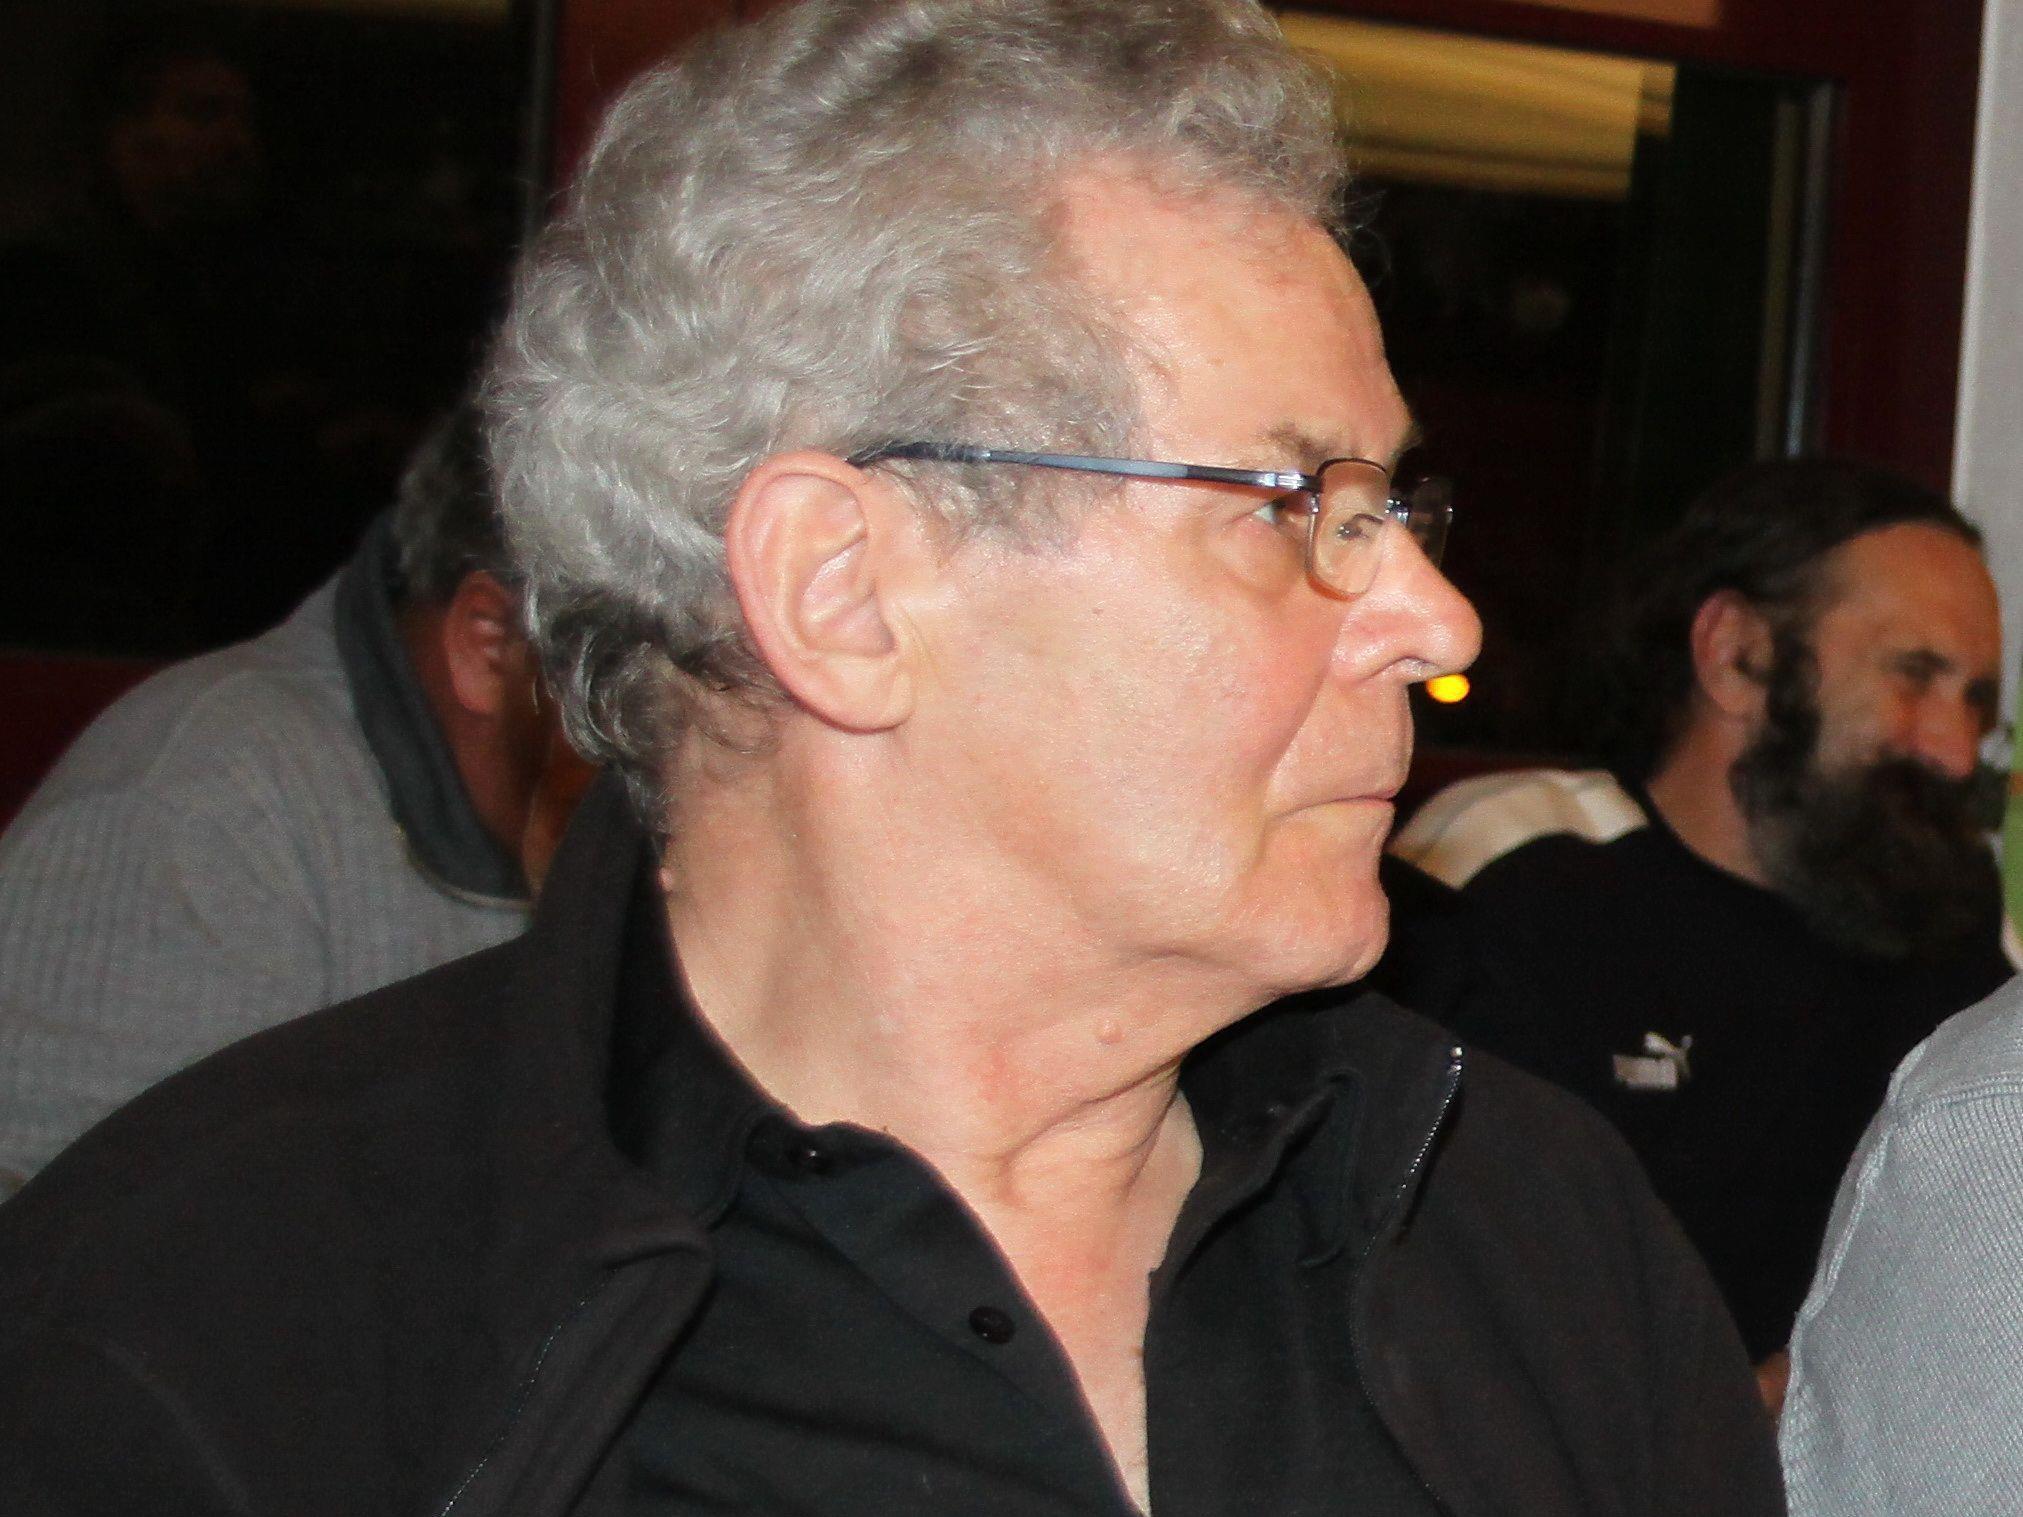 Robert Dorninger ist an den Folgen einer schweren Krankheit verstorben.